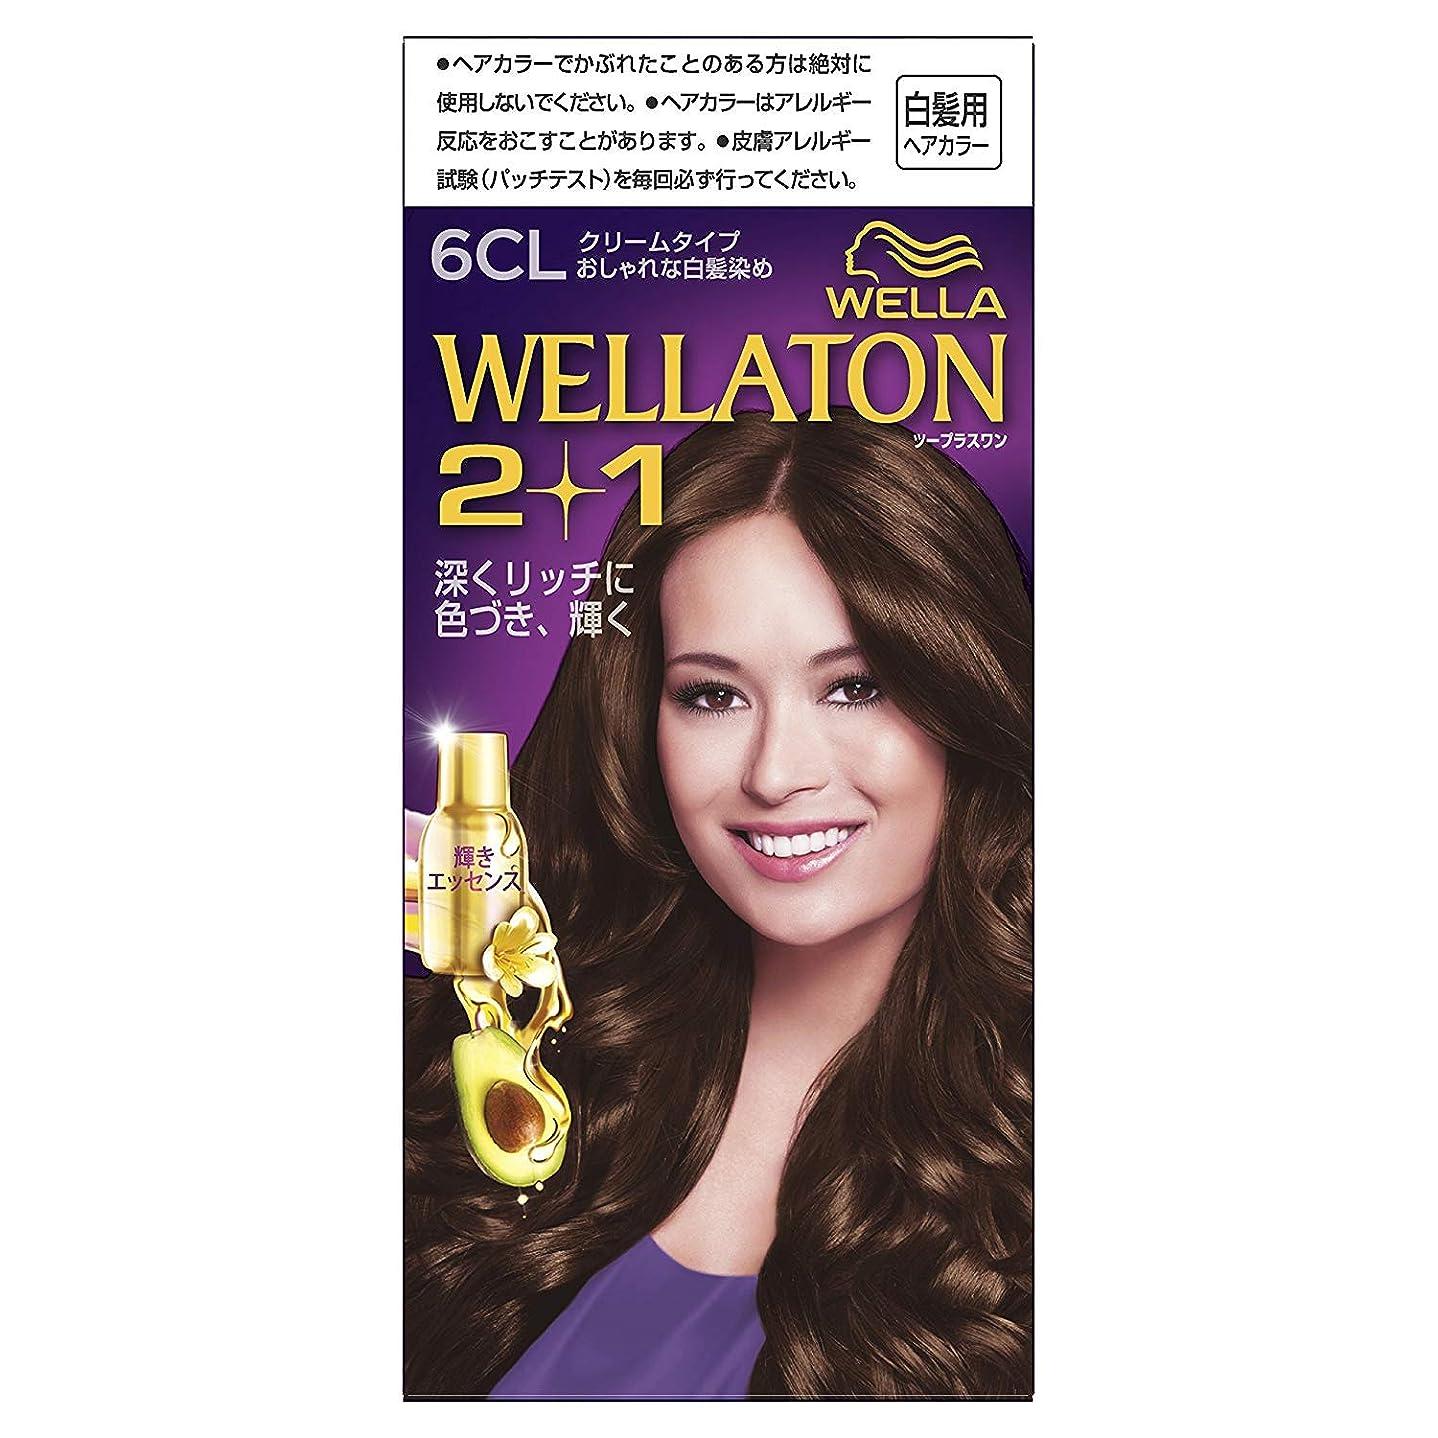 下る柔らかさ円形ウエラトーン2+1 クリームタイプ 6CL [医薬部外品]×3個